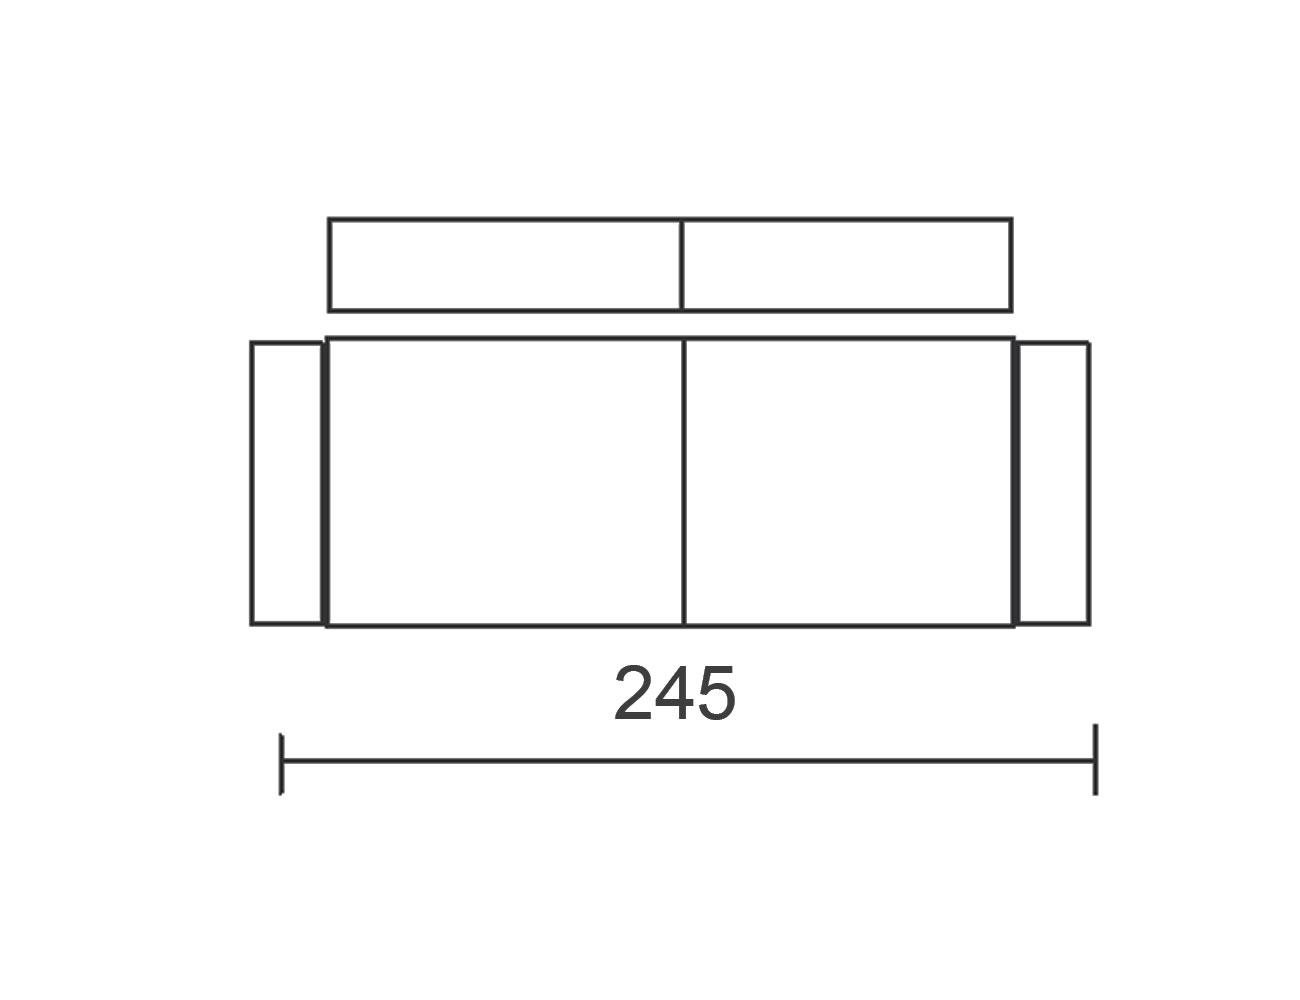 Modulo 2455